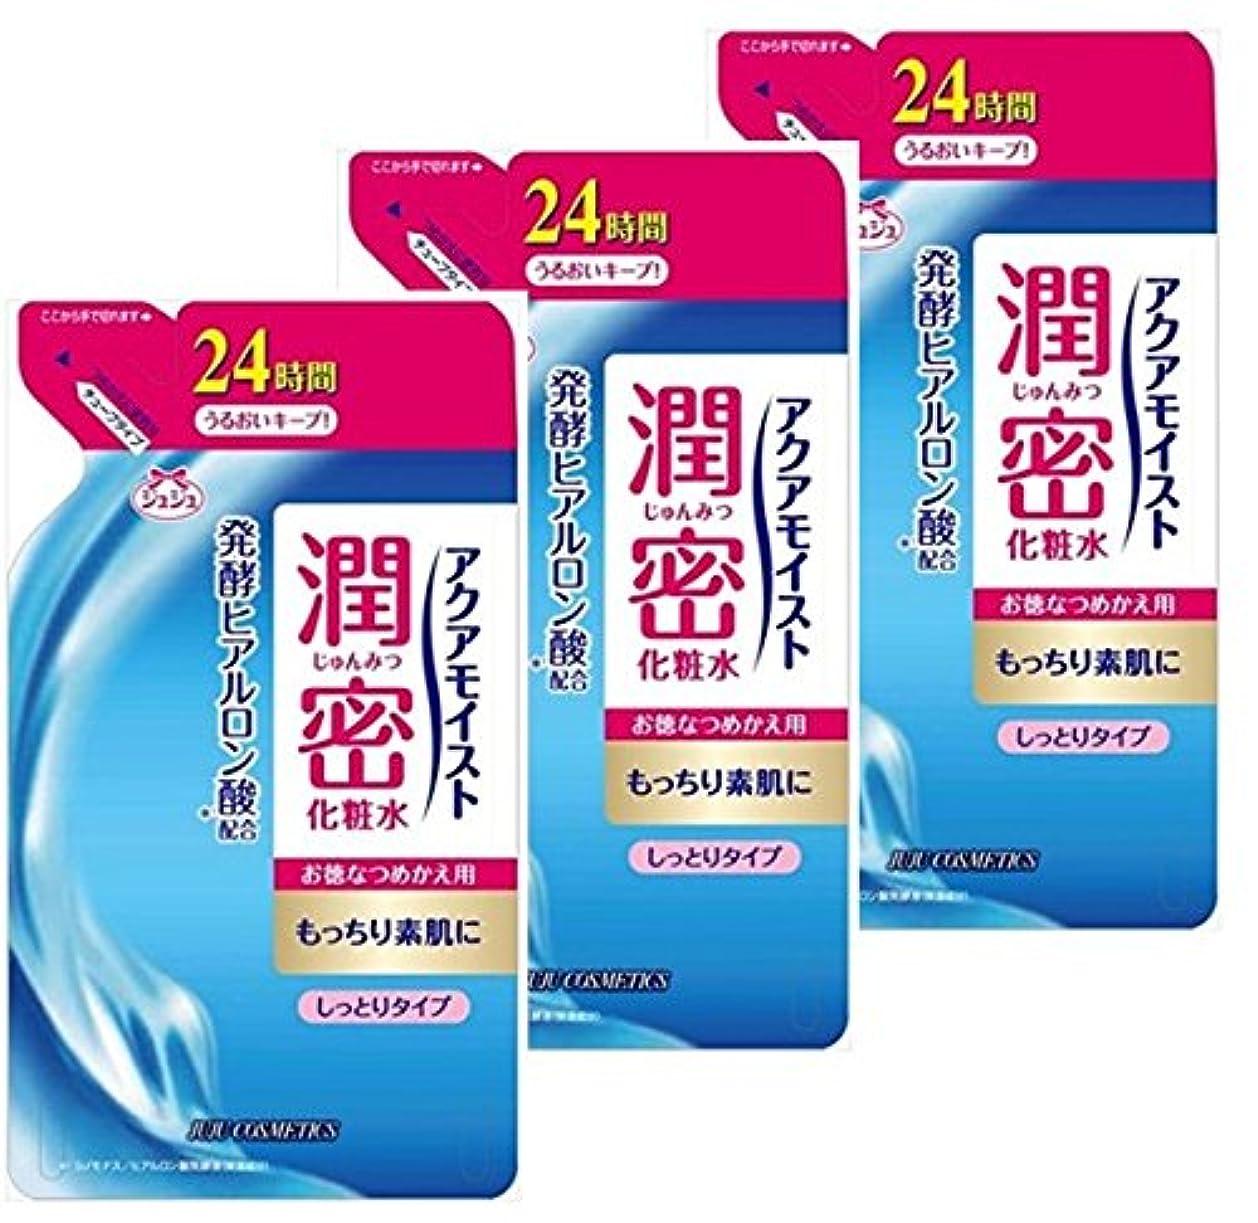 のれんマージン逸脱【3個セット】 アクアモイスト 保湿化粧水 ha(しっとりタイプ) つめかえ用 160mL